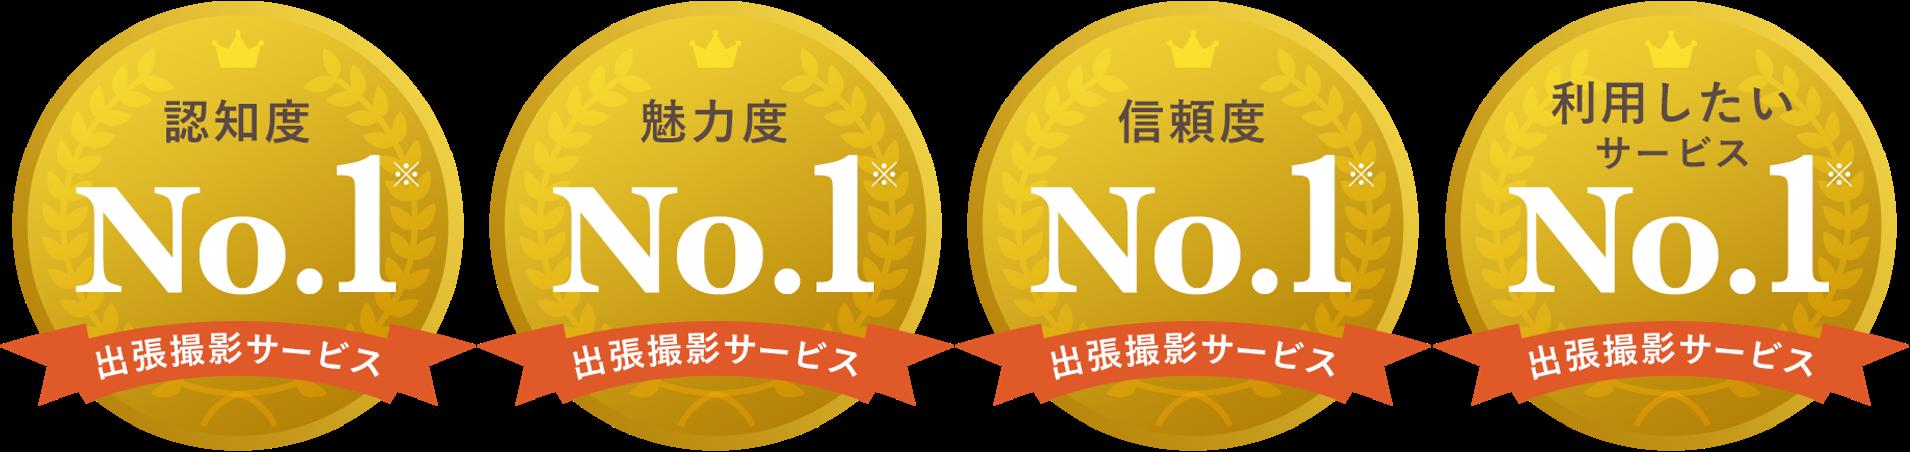 ________________No.1.png